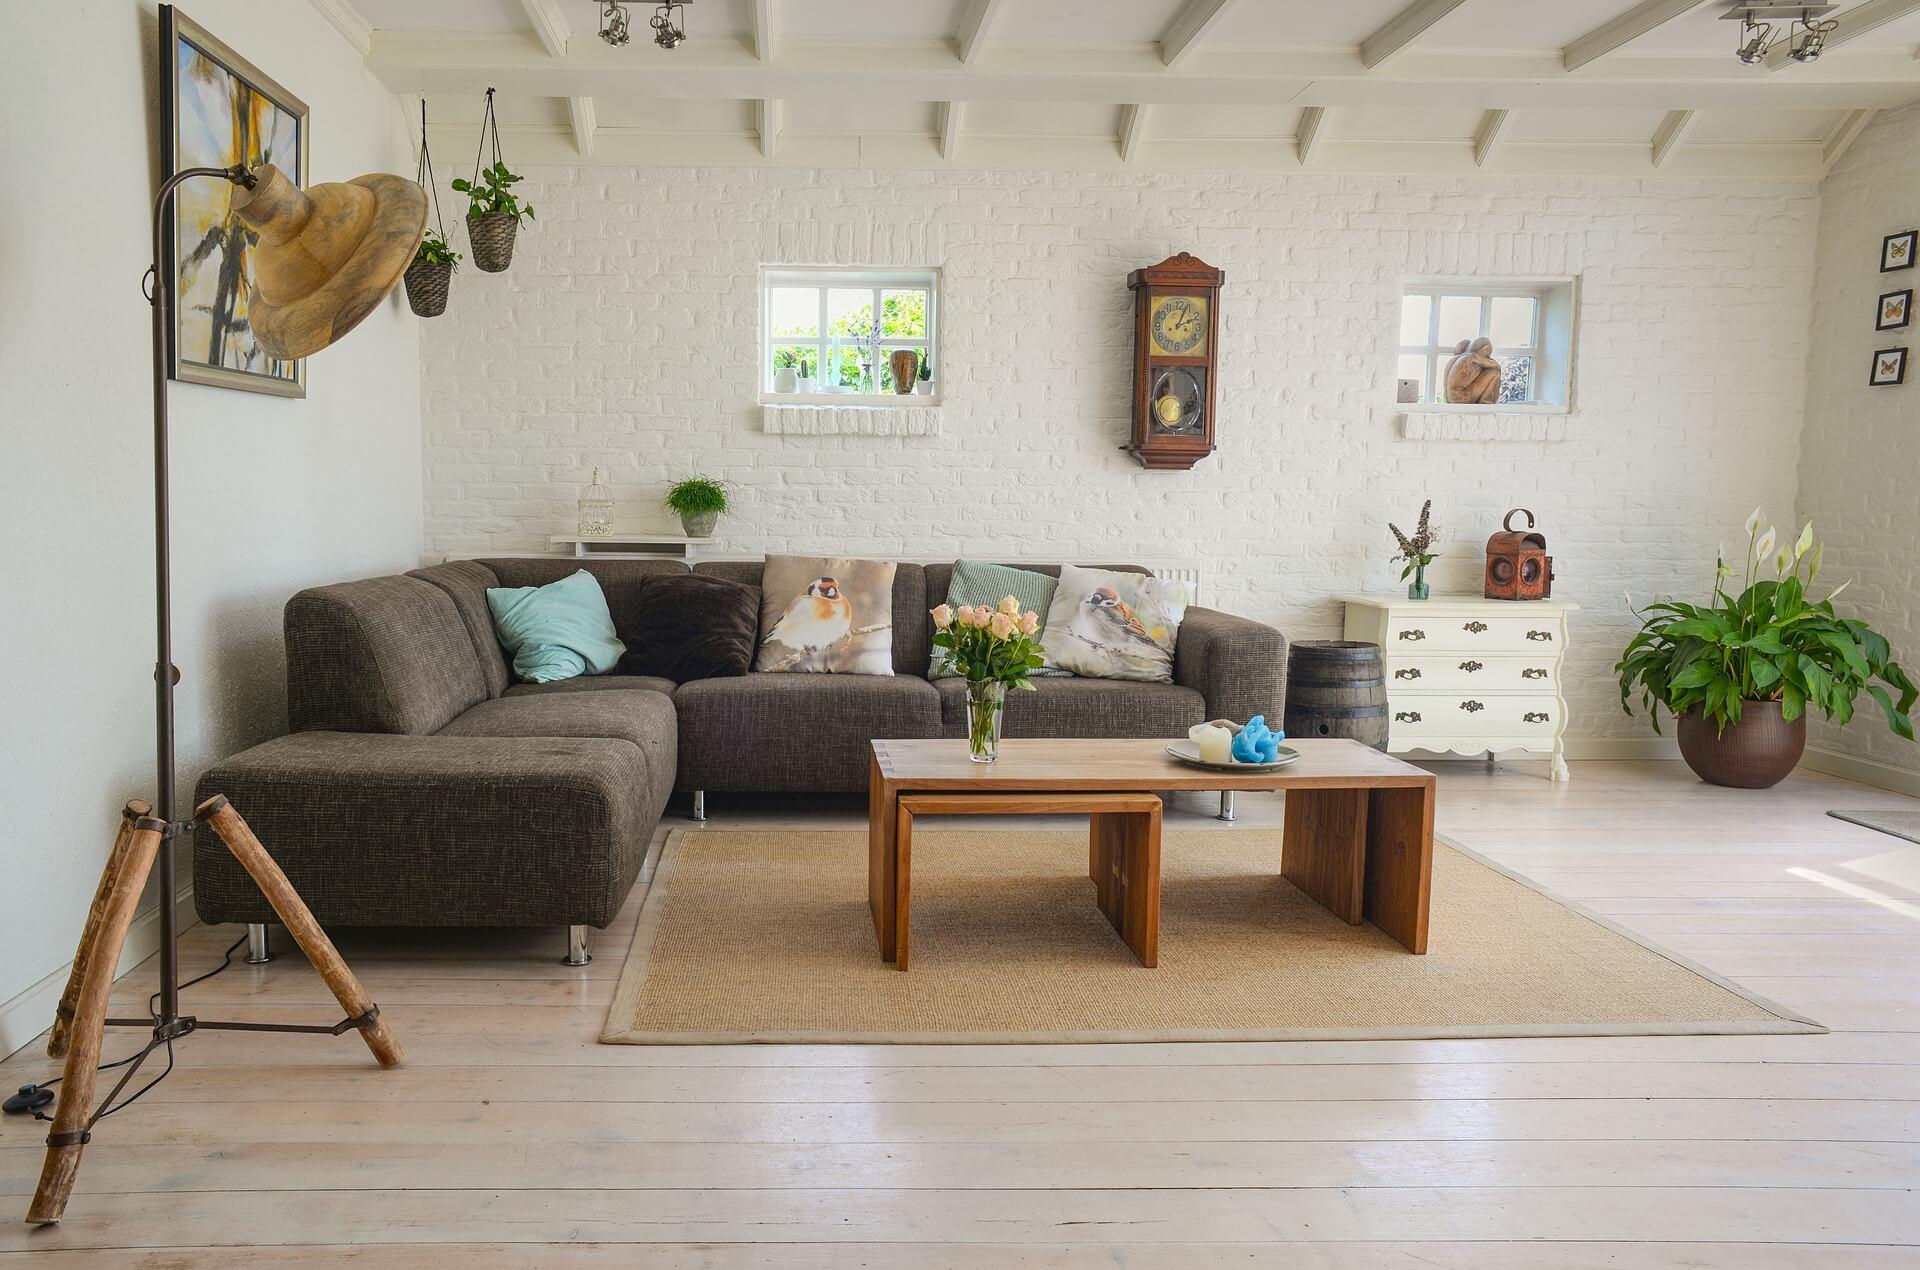 Ook in de woonkamer kun je vloerverwarming aanleggen